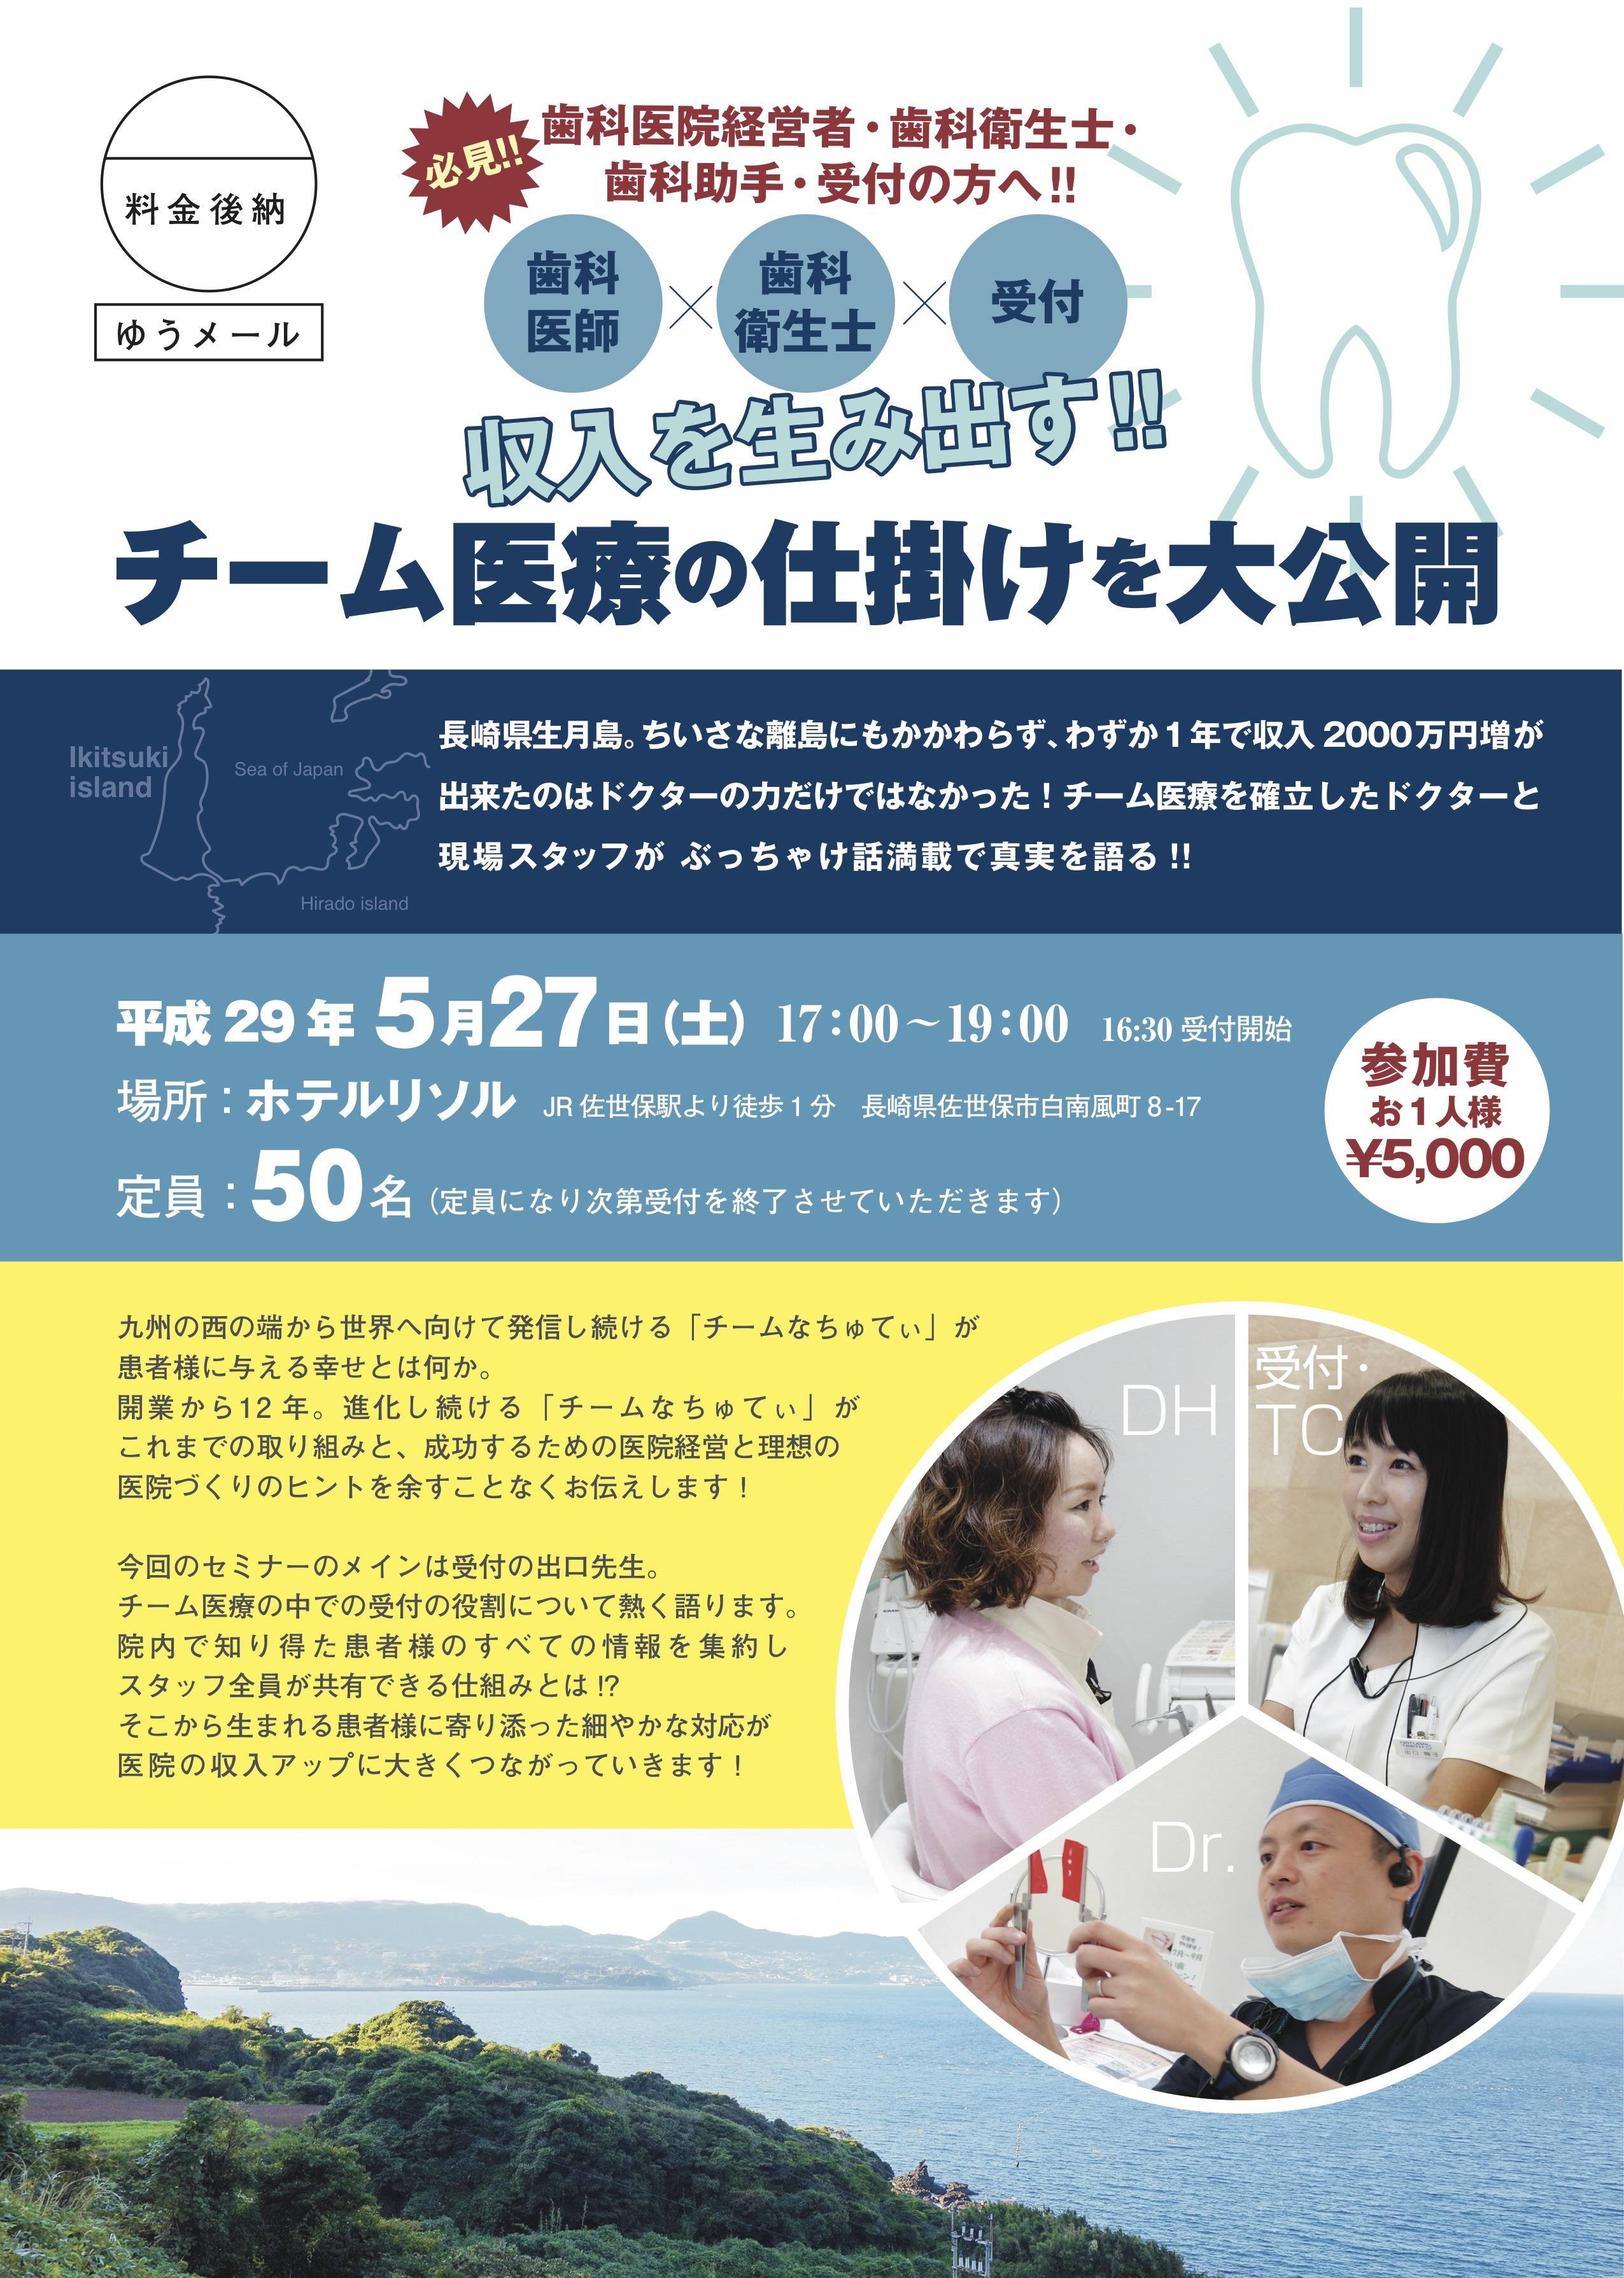 チーム医療 歯科 長崎 佐世保 ナチュラルティース1